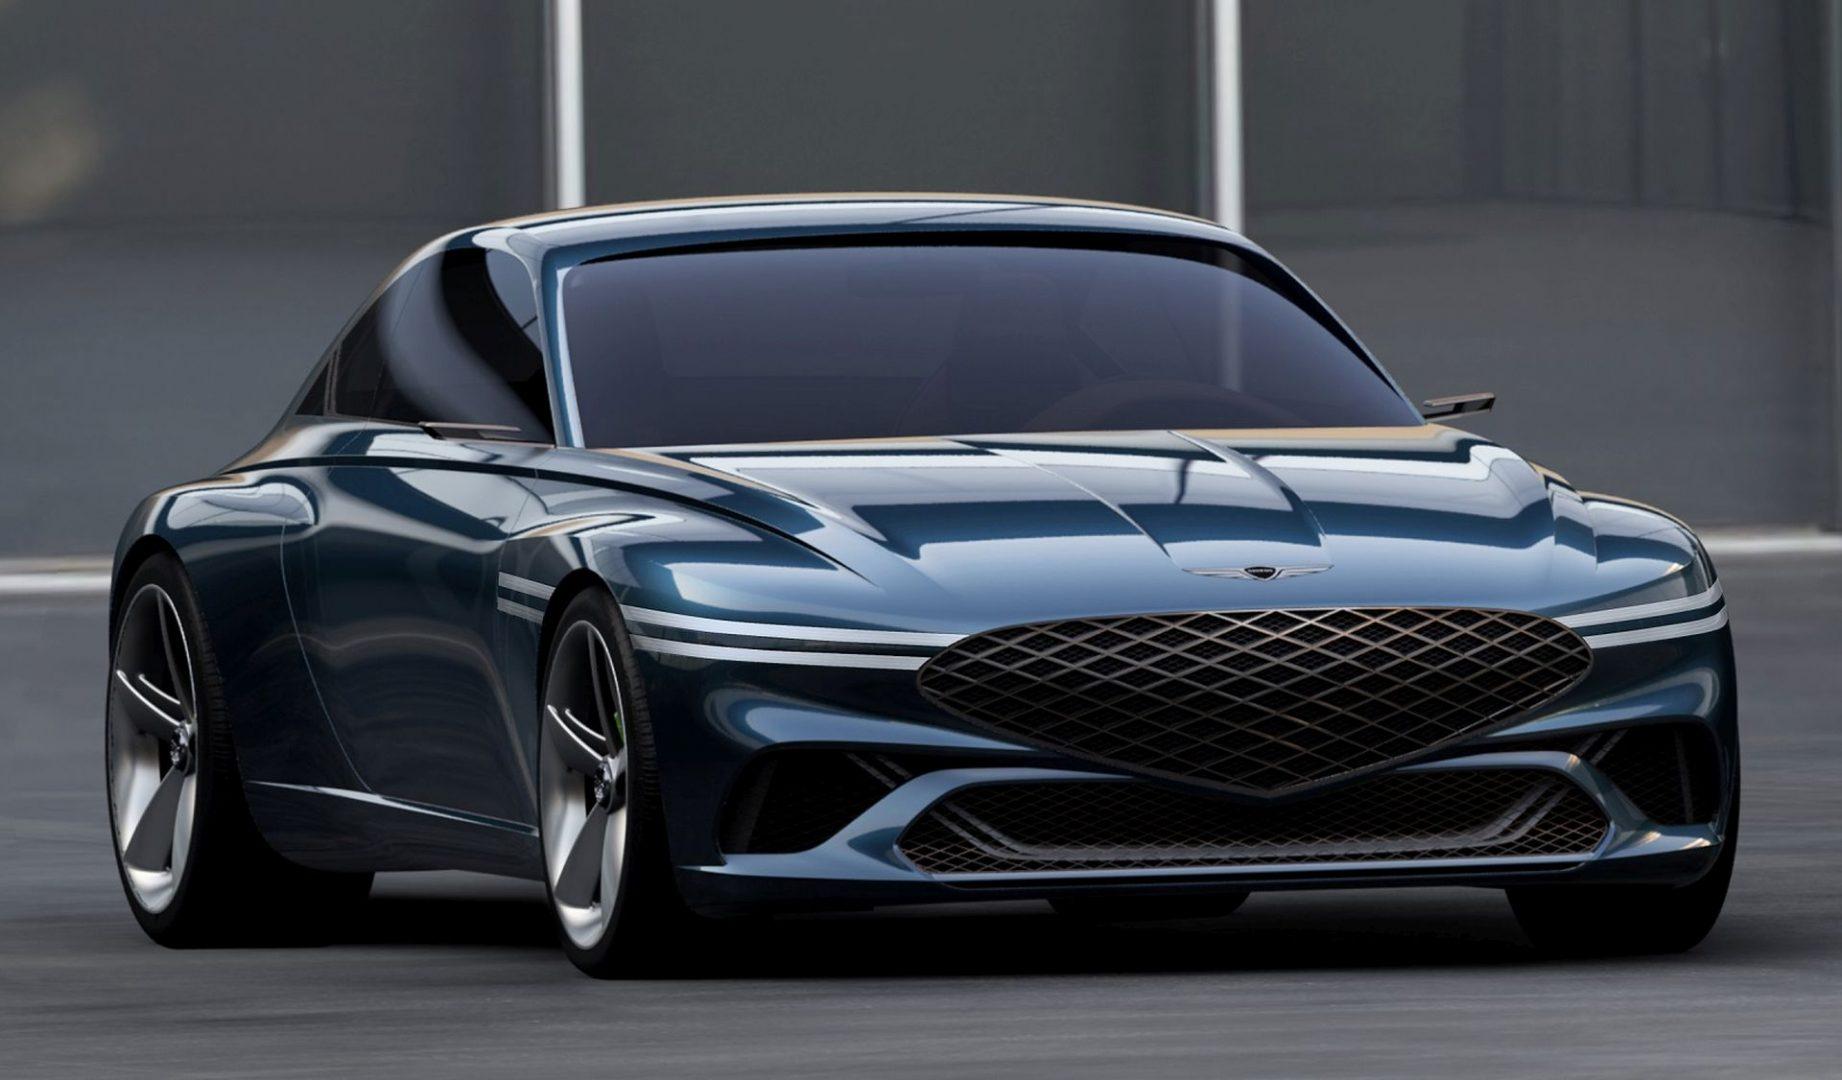 Genesis X Concept je zanimljivo dizajnirani električni GT coupe budućnosti